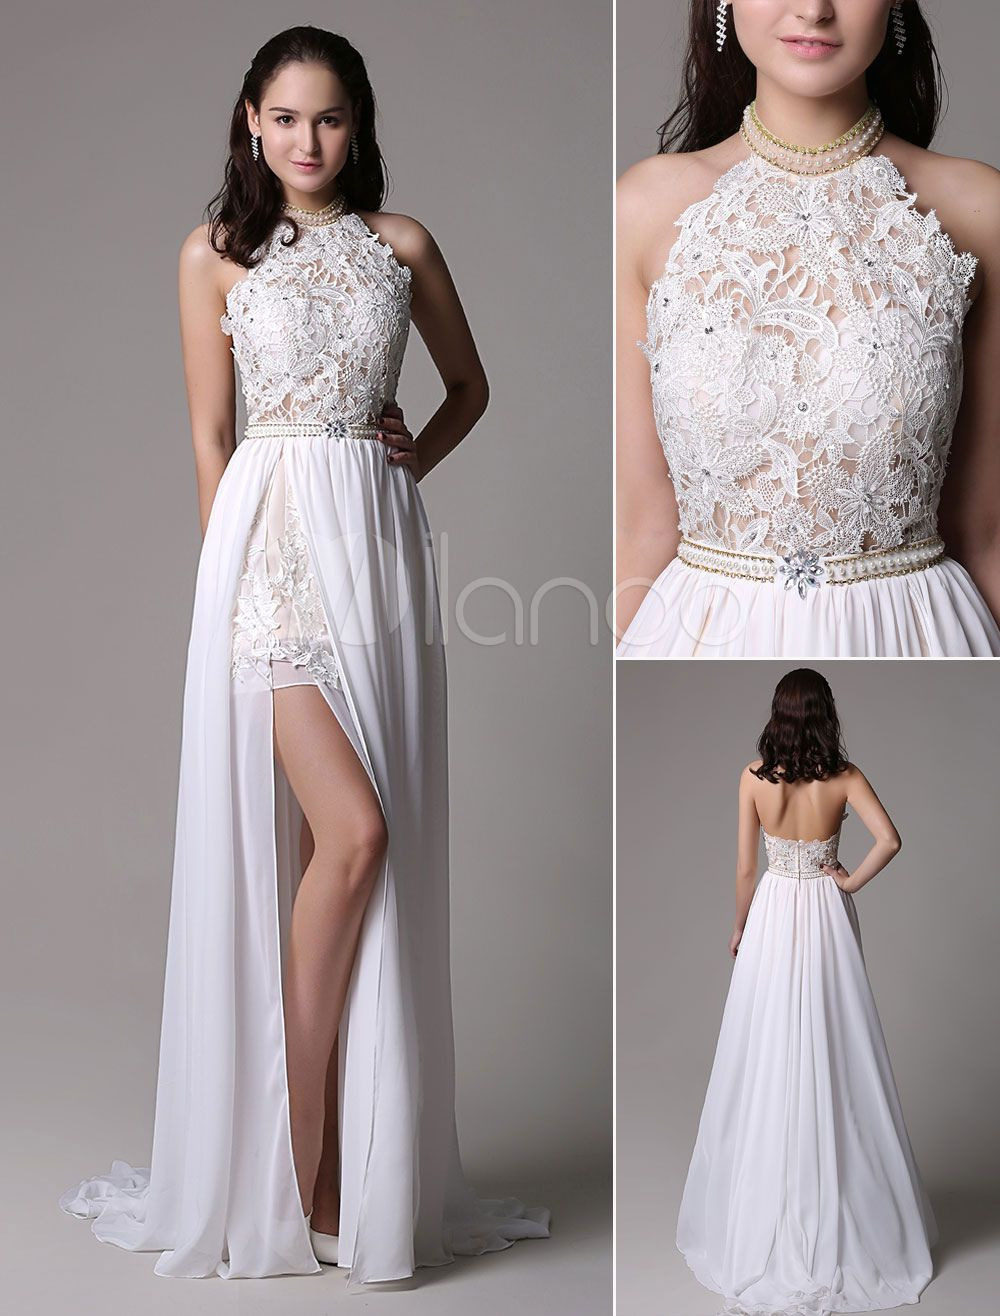 15 Schön Elegant Abend Kleid GalerieAbend Fantastisch Elegant Abend Kleid Design